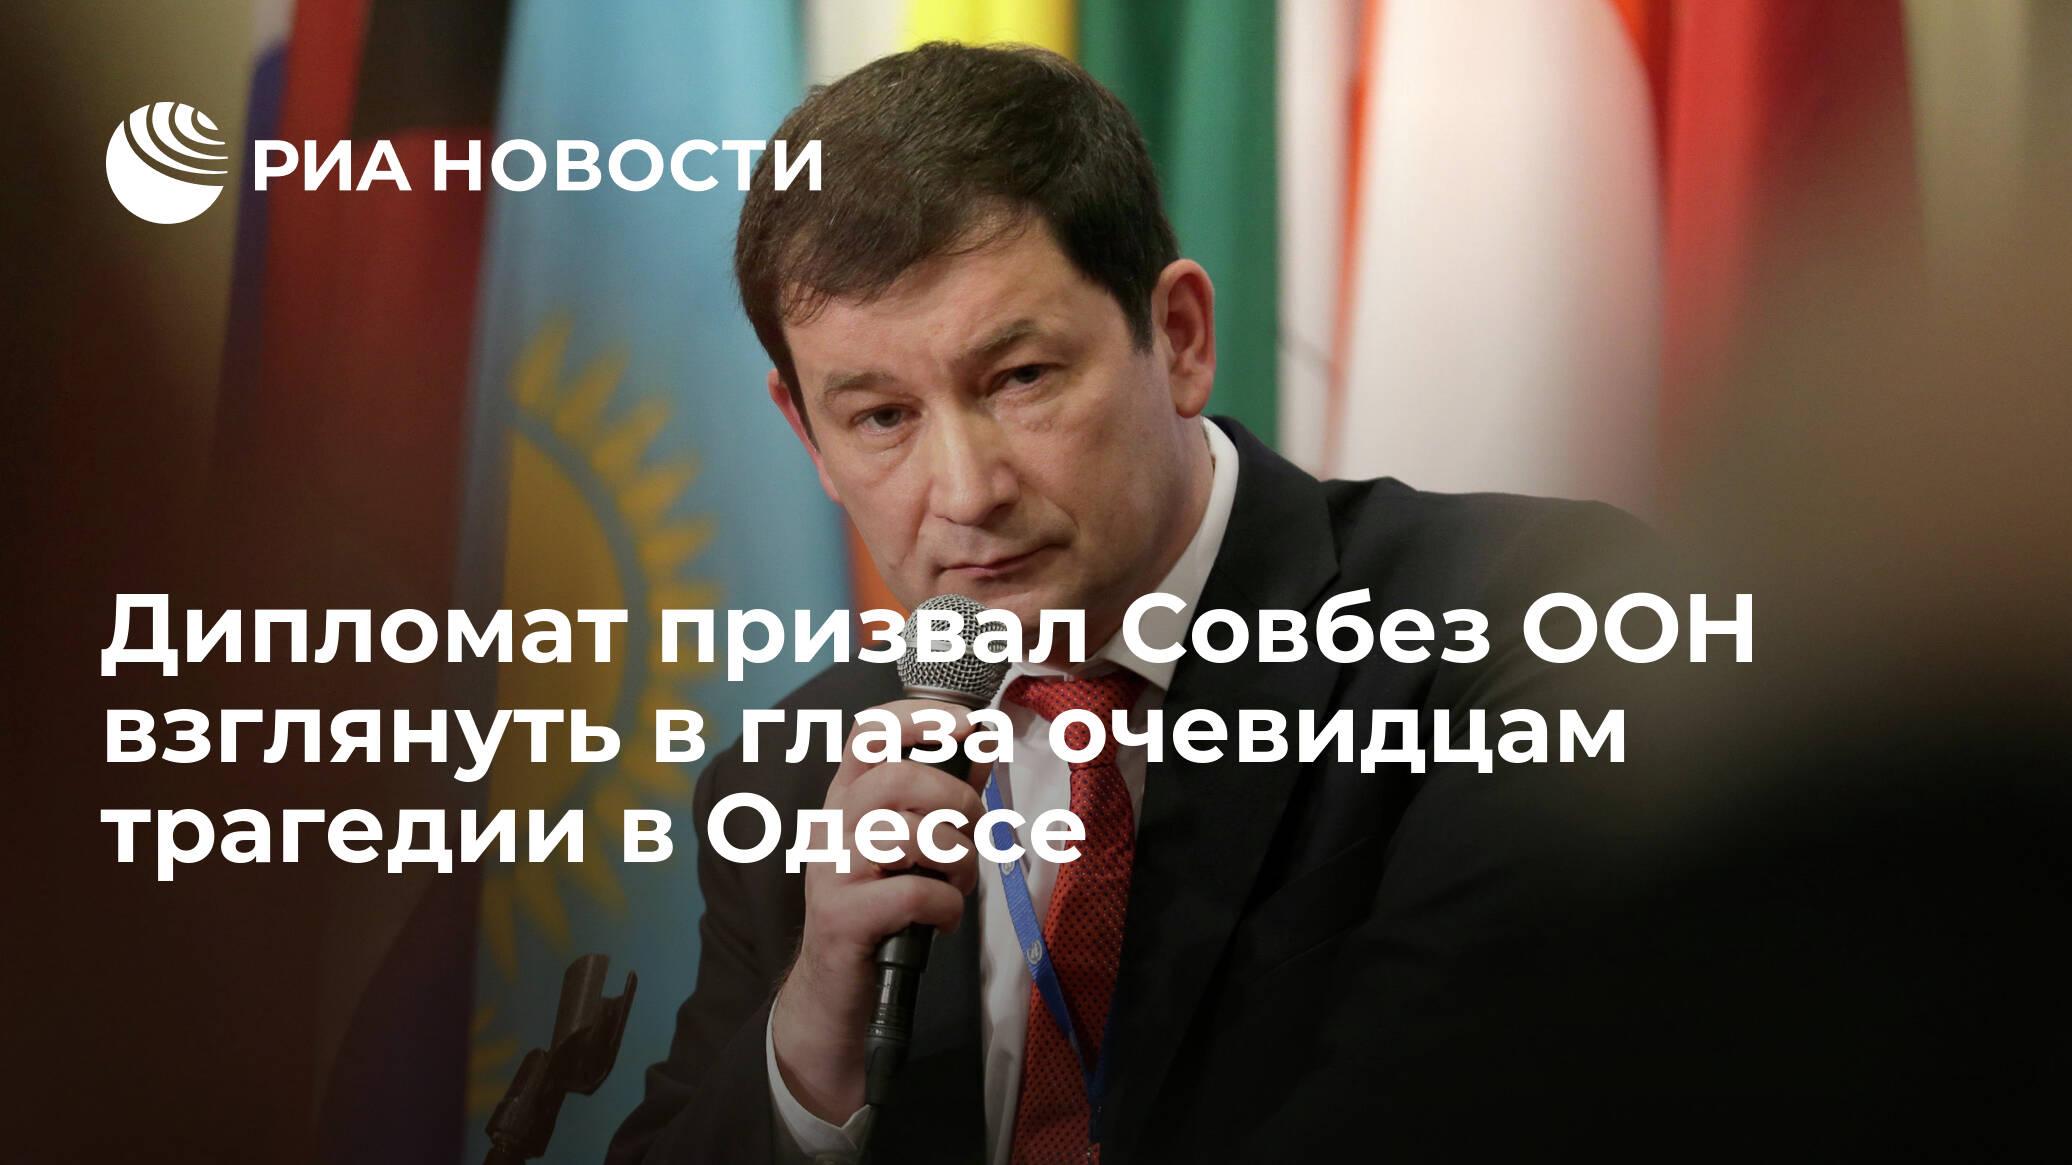 Дипломат призвал Совбез ООН взглянуть в глаза очевидцам трагедии в Одессе